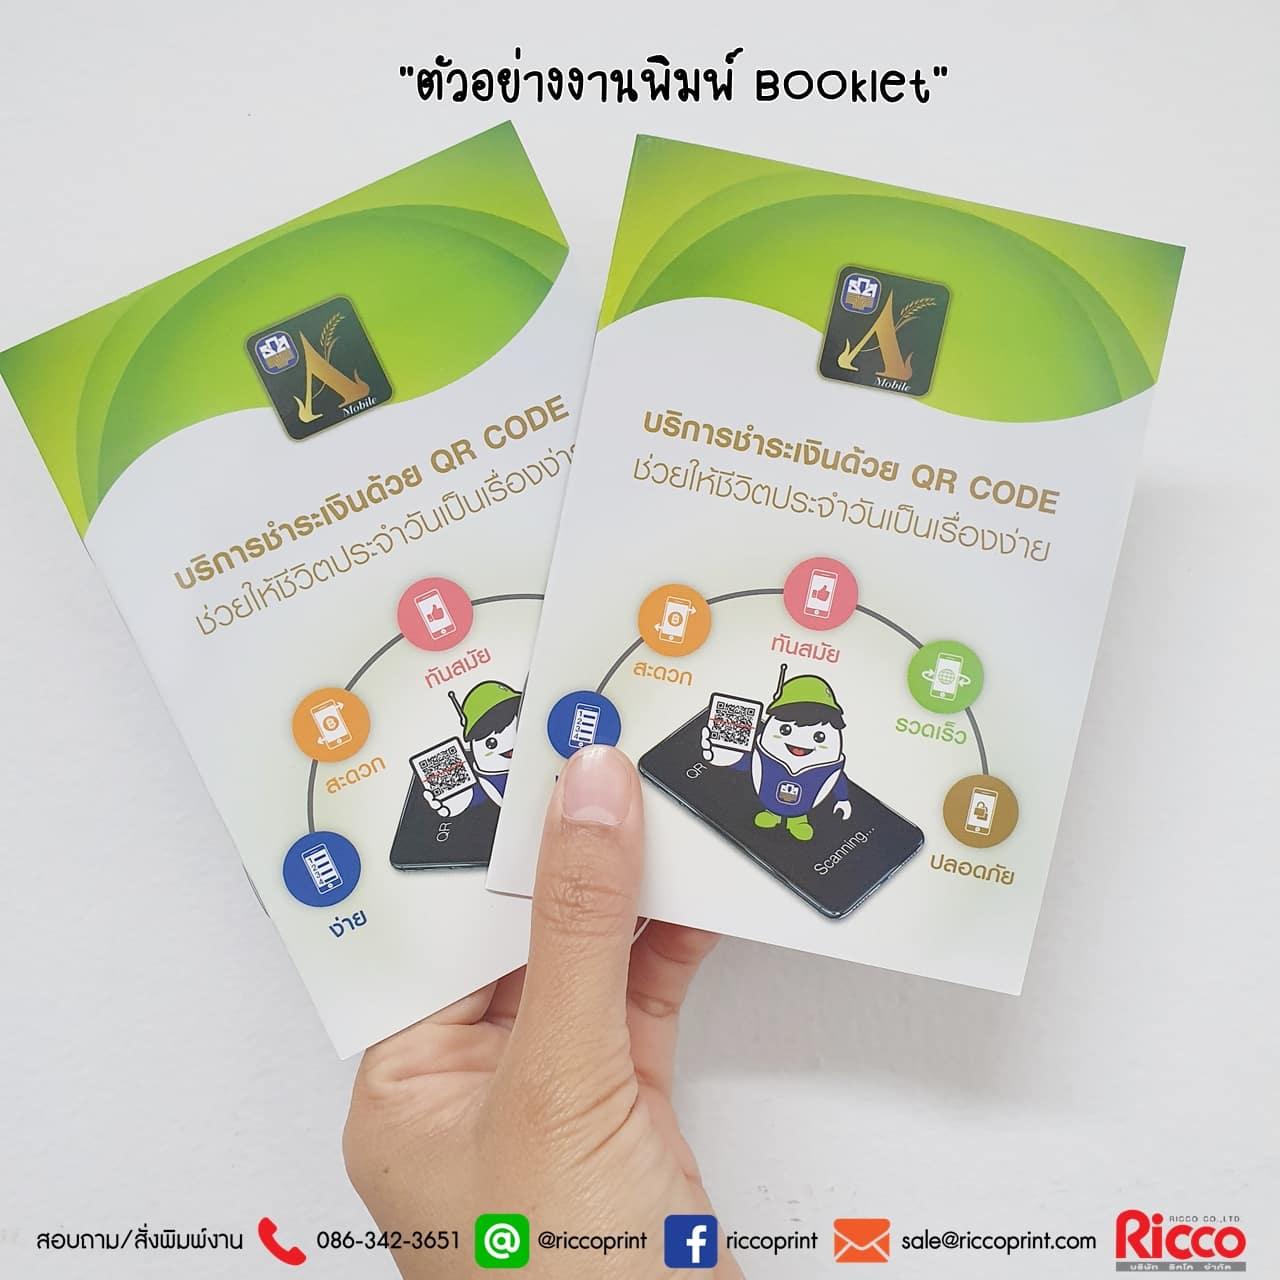 รูป Booklet 2019 17 - ประกอบเนื้อหา หนังสือ คู่มือ Booklet